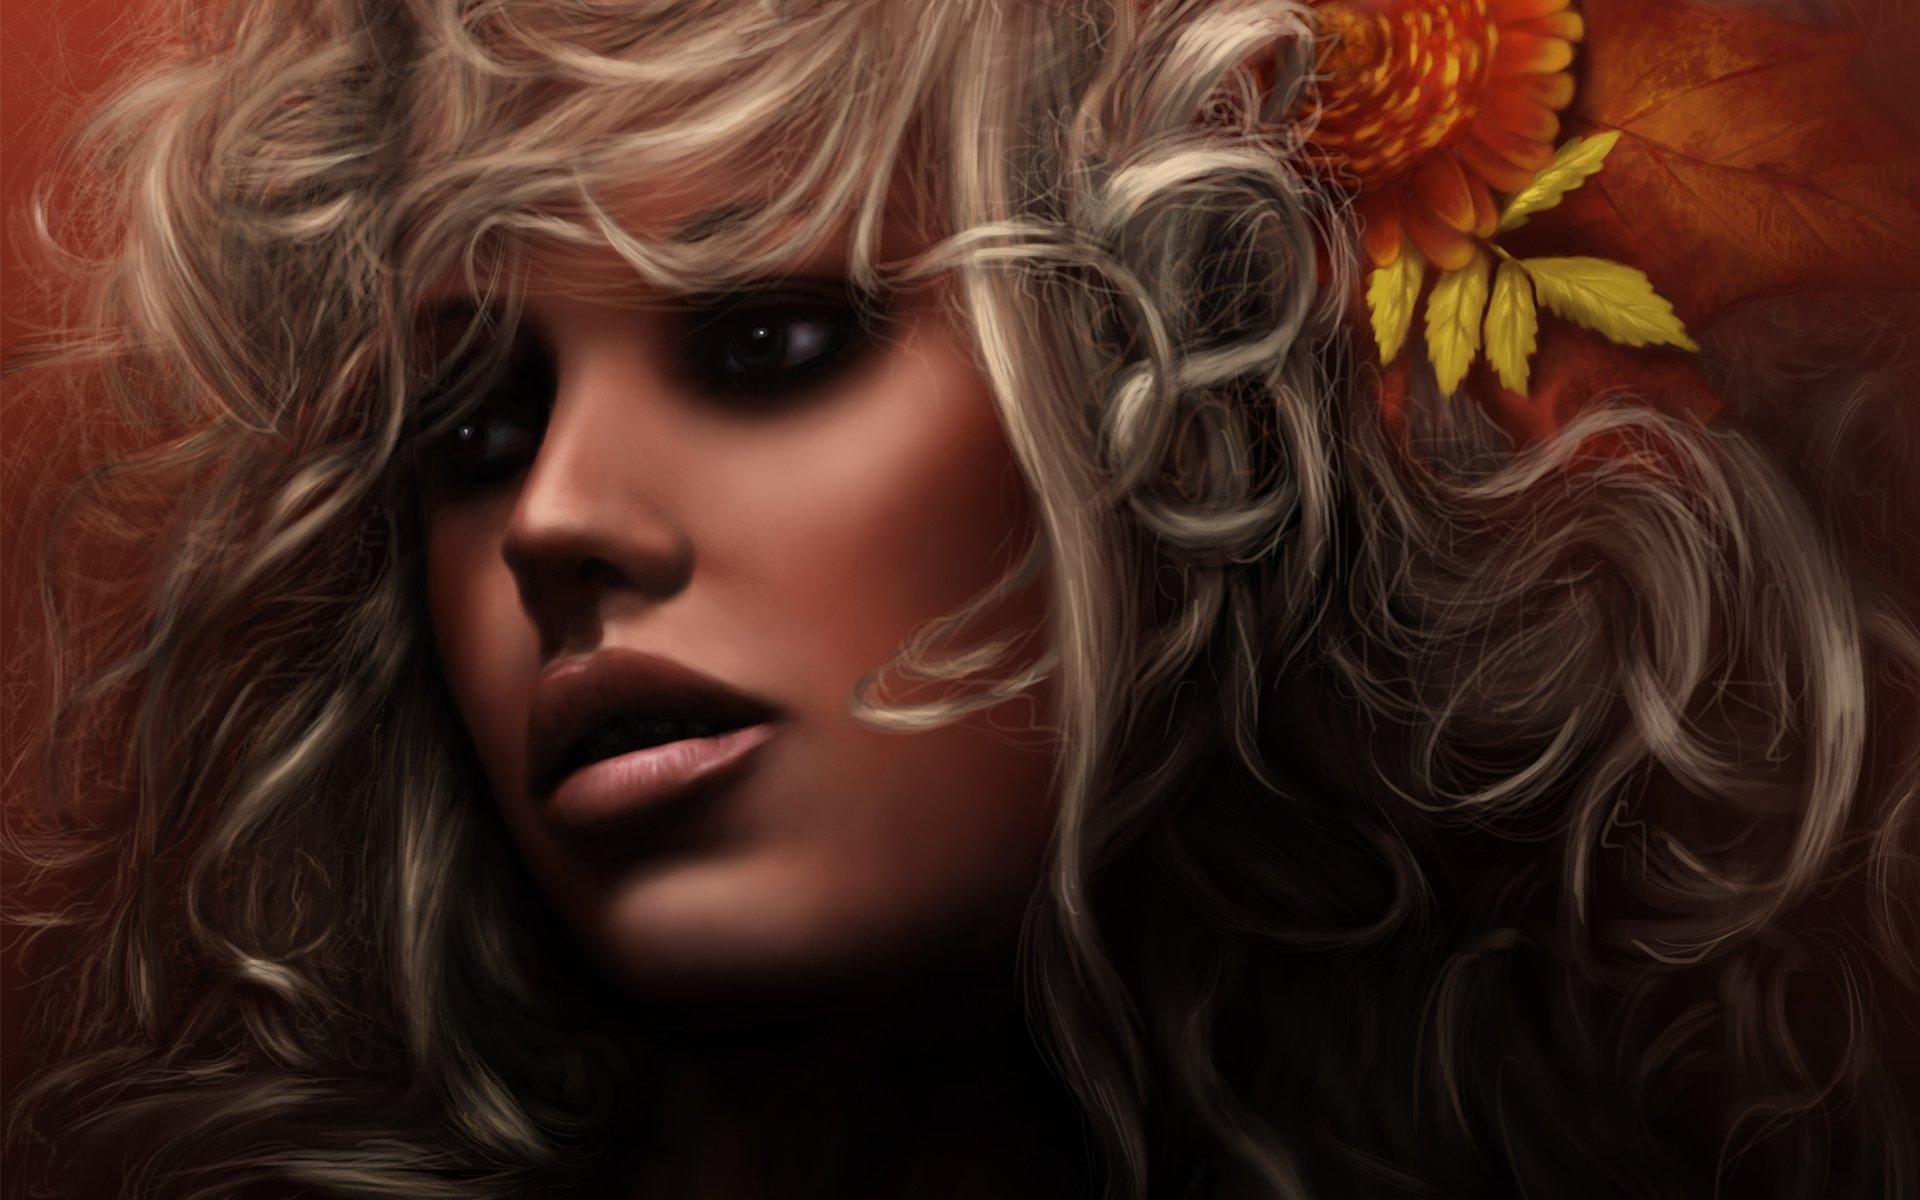 Волосы с цветками без смс